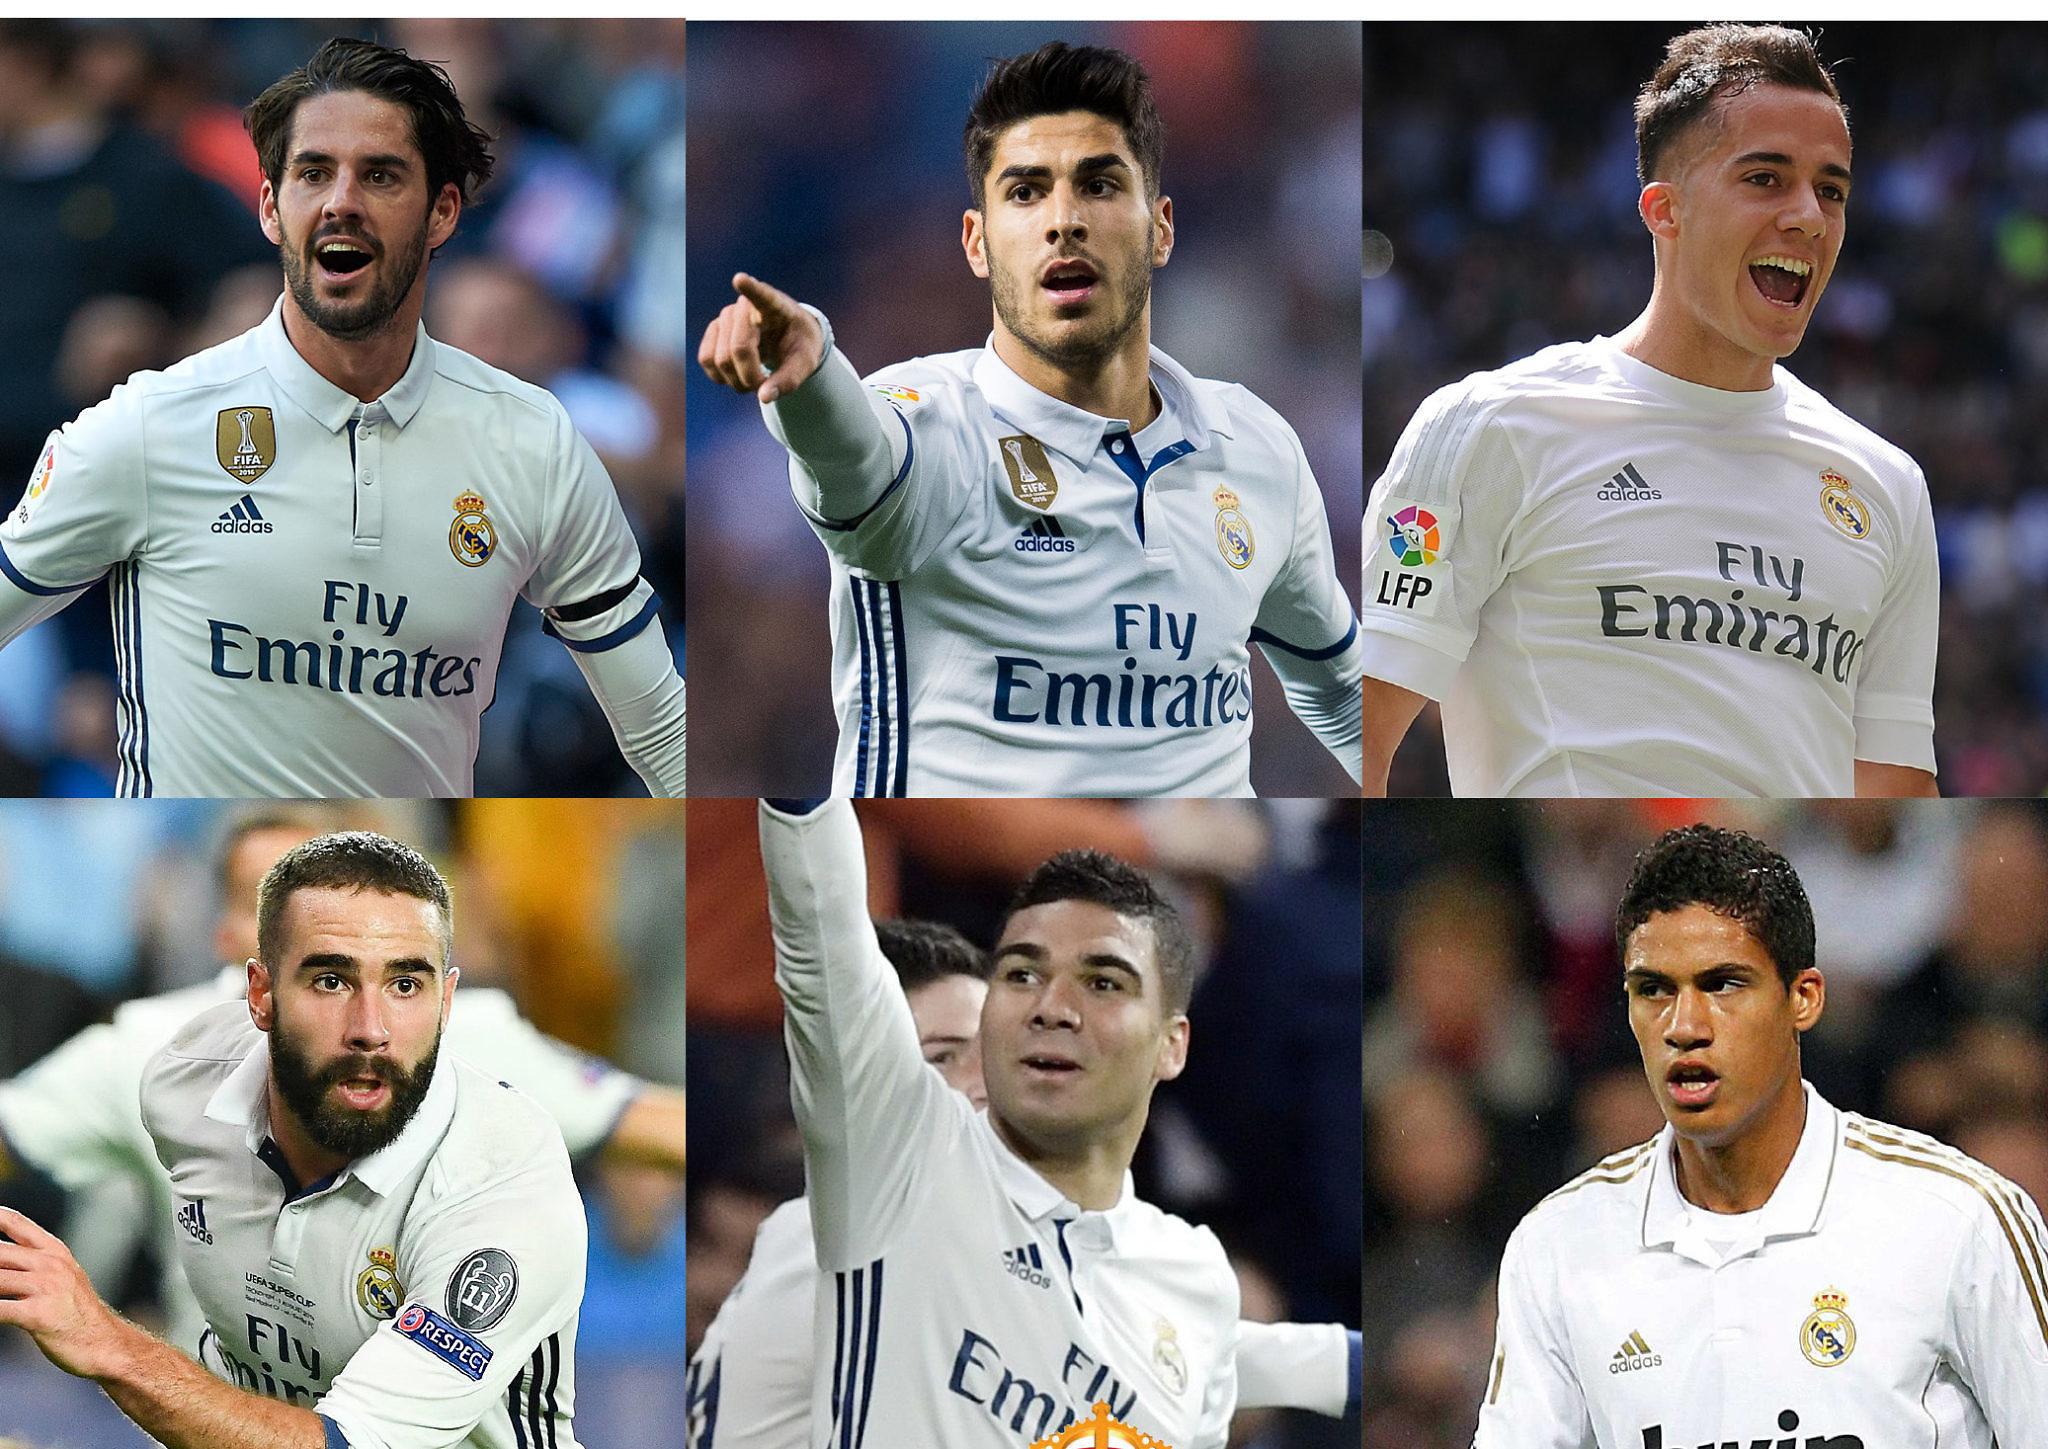 La plantilla del doce veces campeón de Europa reúne a algunos de los mayores talentos jóvenes del mundo